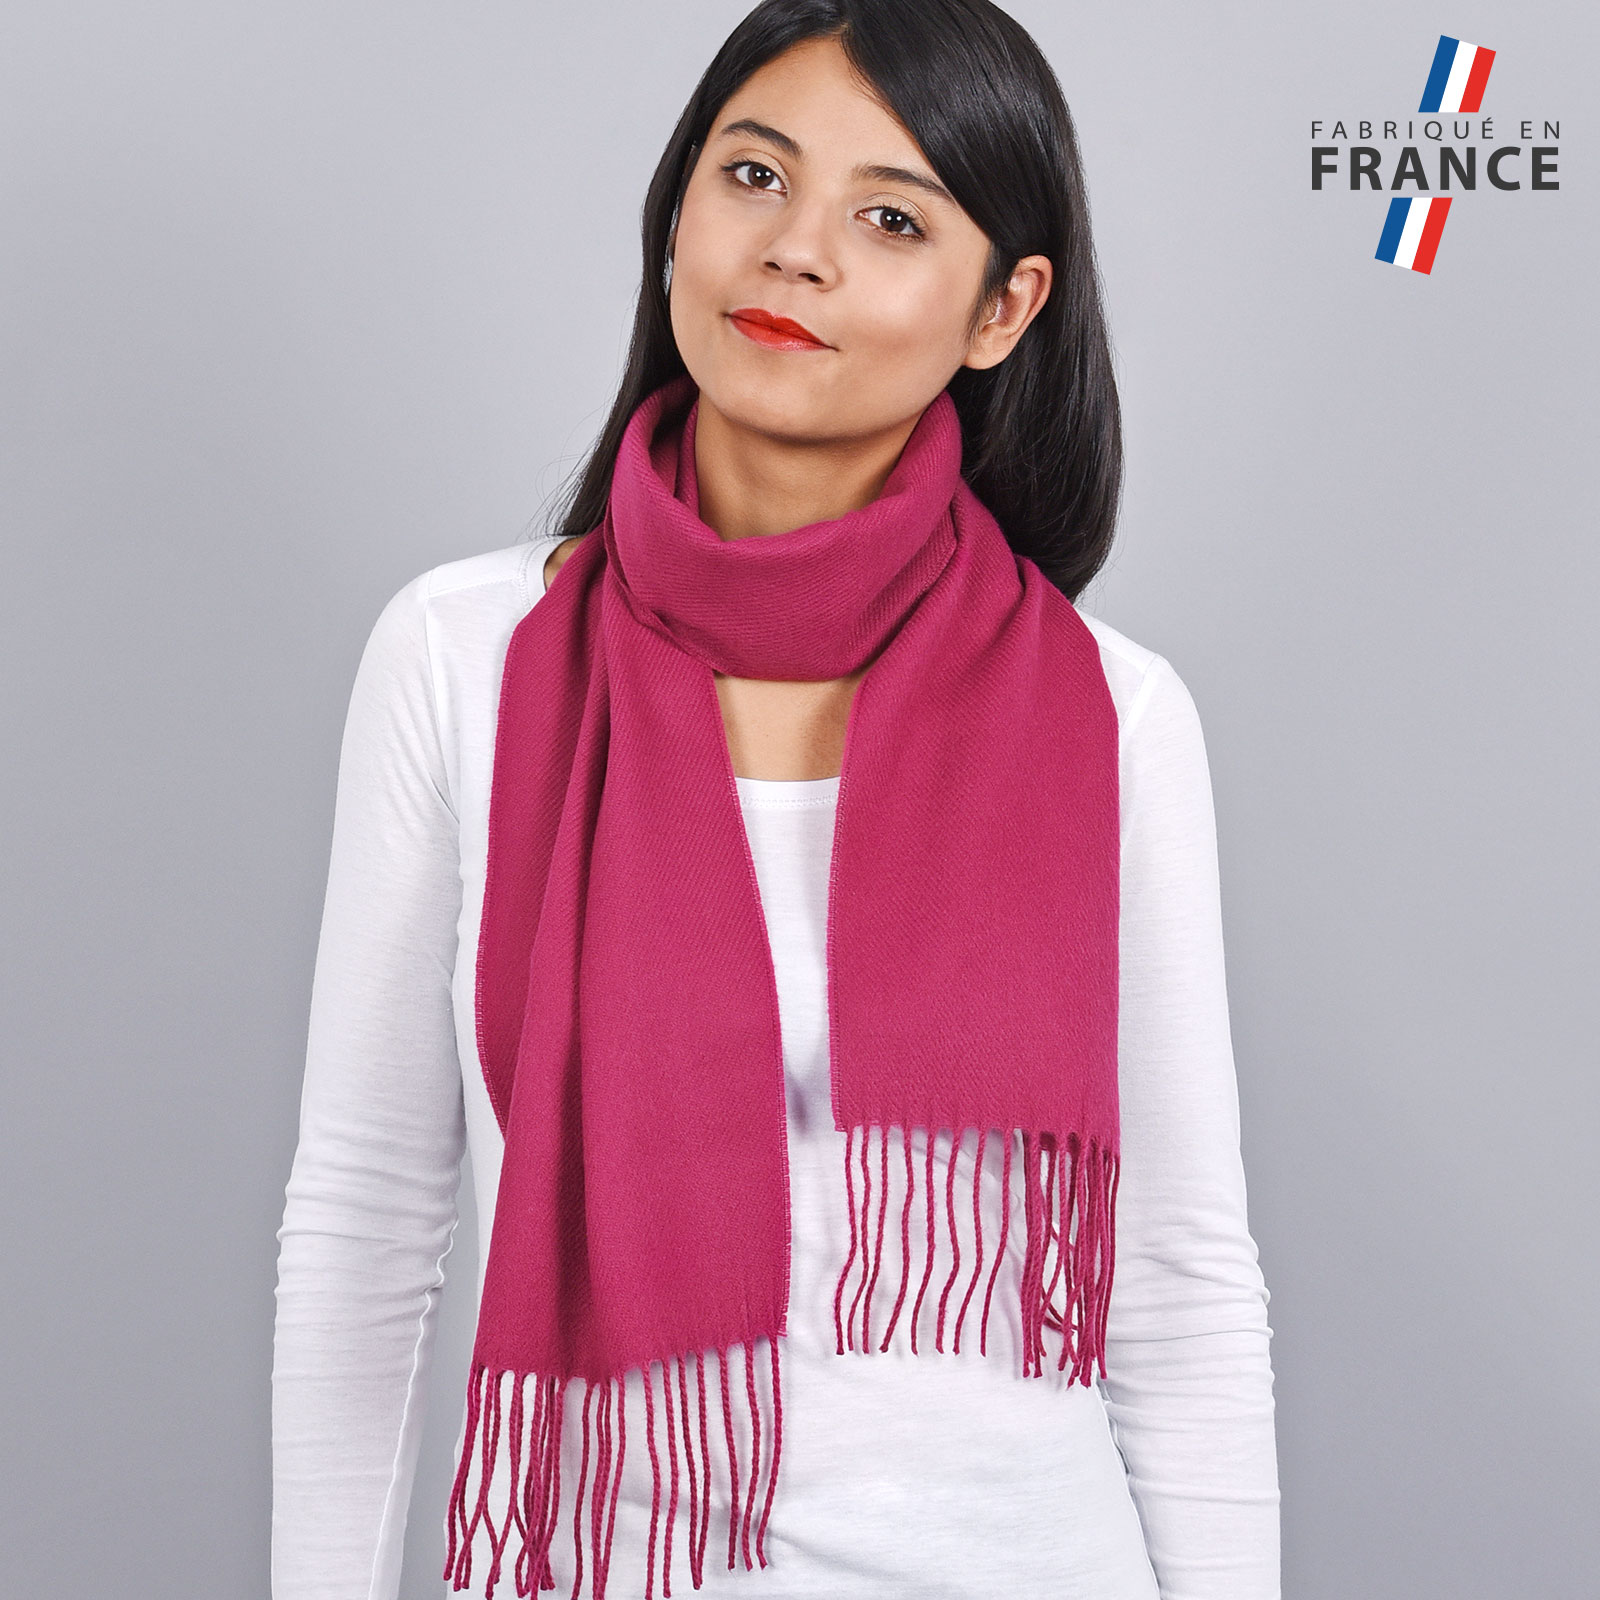 AT-03240-VF16-LB_FR-echarpe-franges-rose-fuchsia-femme-fabrication-francaise